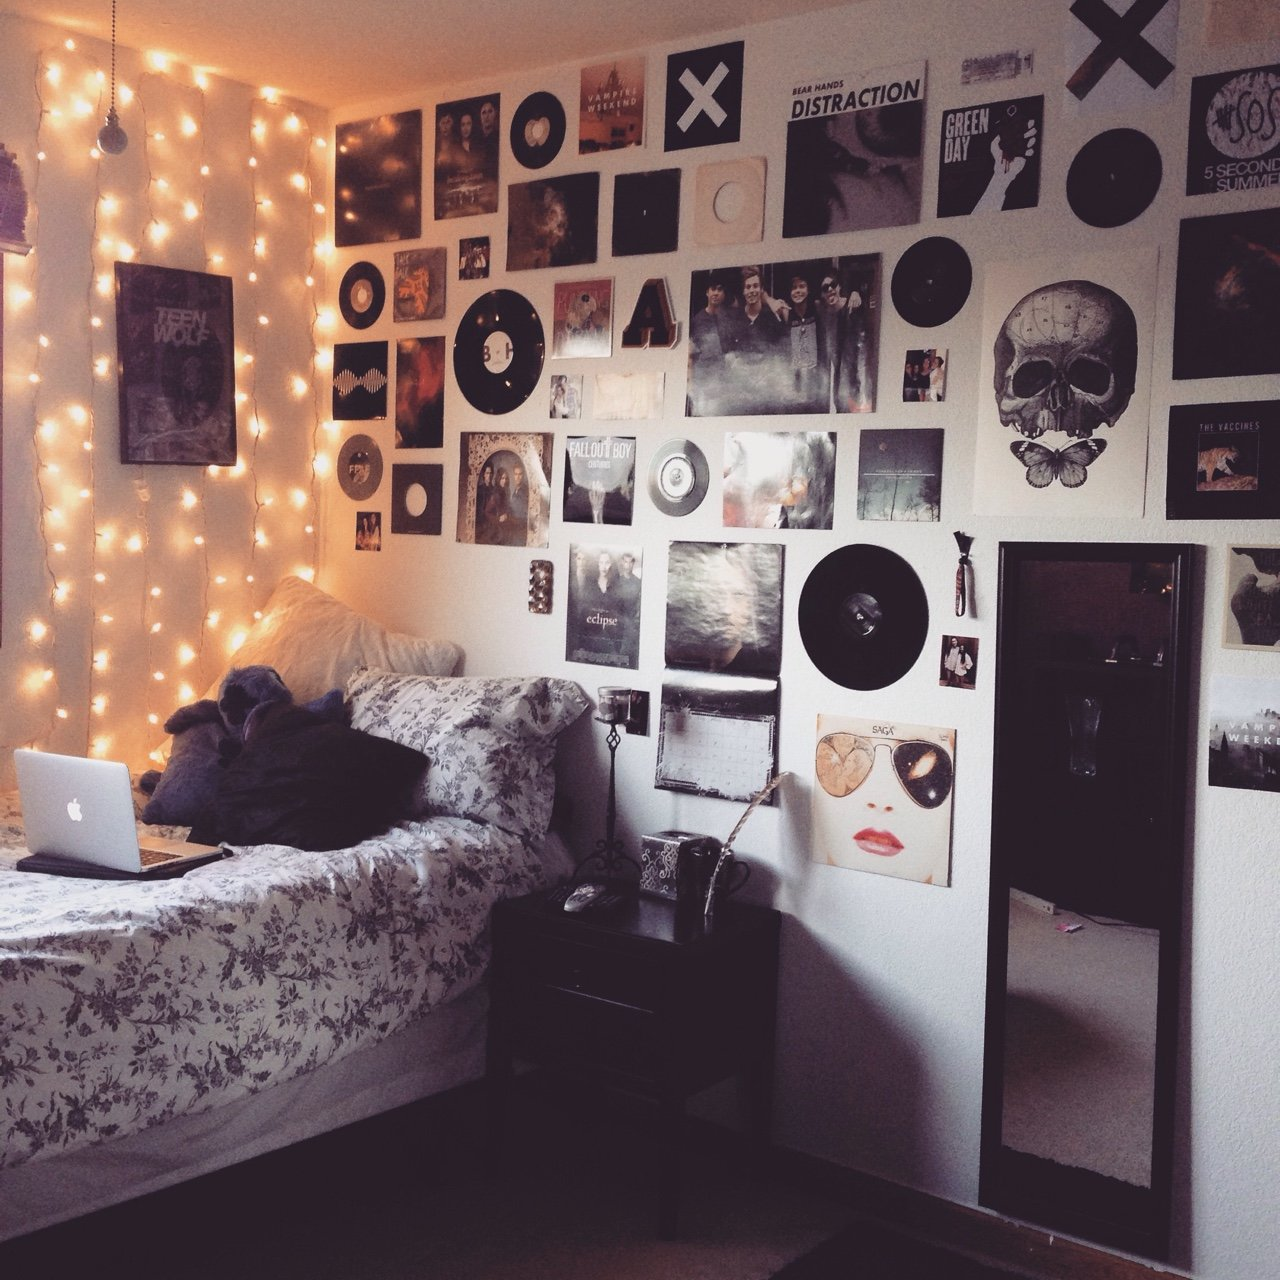 Retro Bedroom Design Ideas Bedroom Ideas Grey And Red Bedroom Decor Posters Country Bedrooms For Girls: 25 Diseños Que Harán Inspirarte Para Decorar Tu Habitación